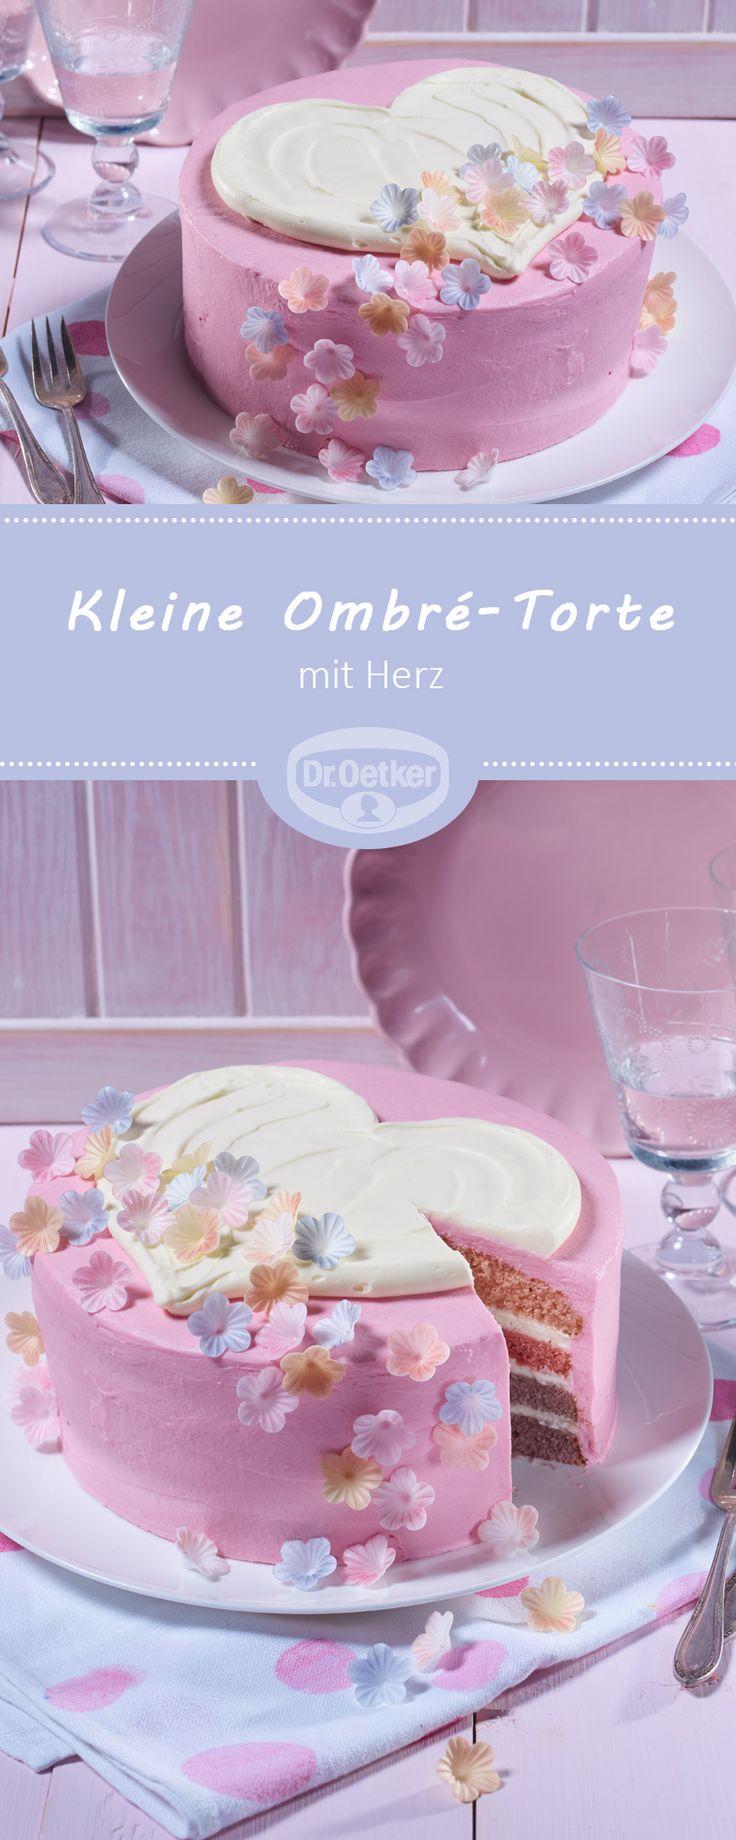 Kleine Ombré-Torte mit Herz: Rührteigböden gefüllt mit Duo-Tortencreme und mit einer Herz-Dekoration